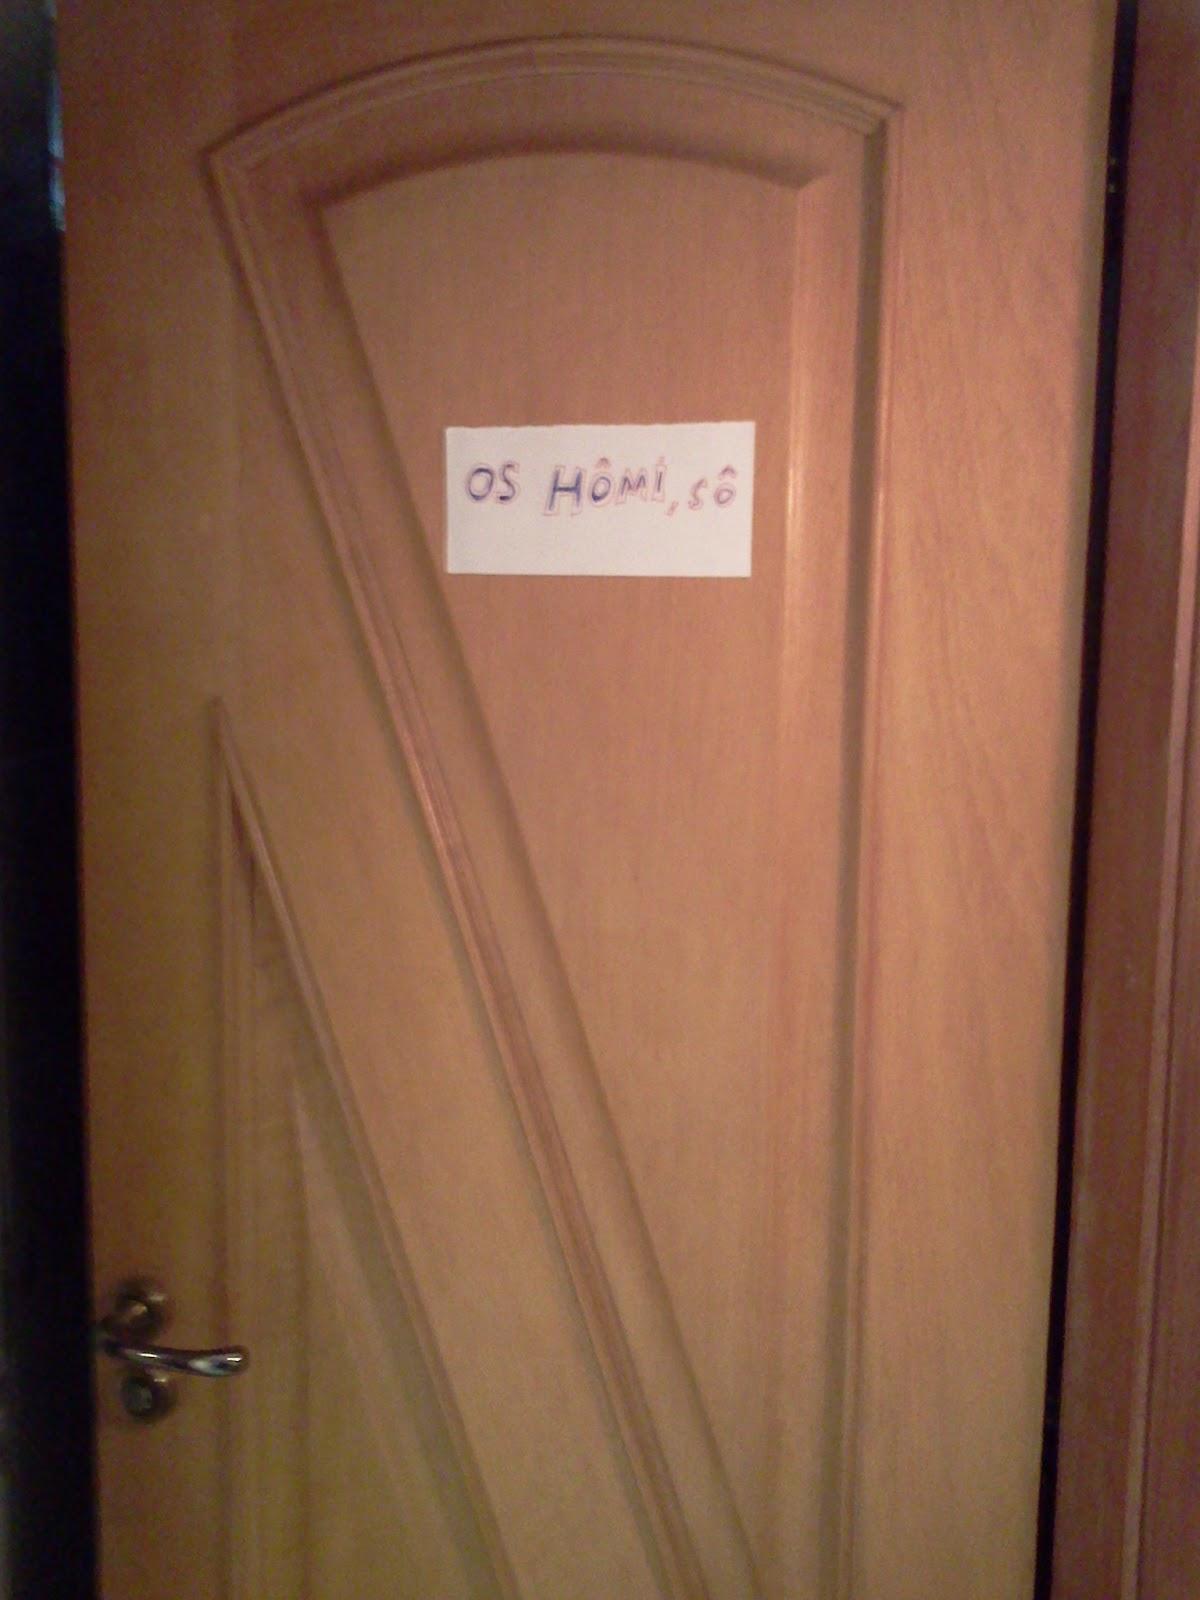 se está entrando na porta certa um aviso de os 'hômi' sô #8E563D 1200x1600 Aviso Para Banheiro Interditado